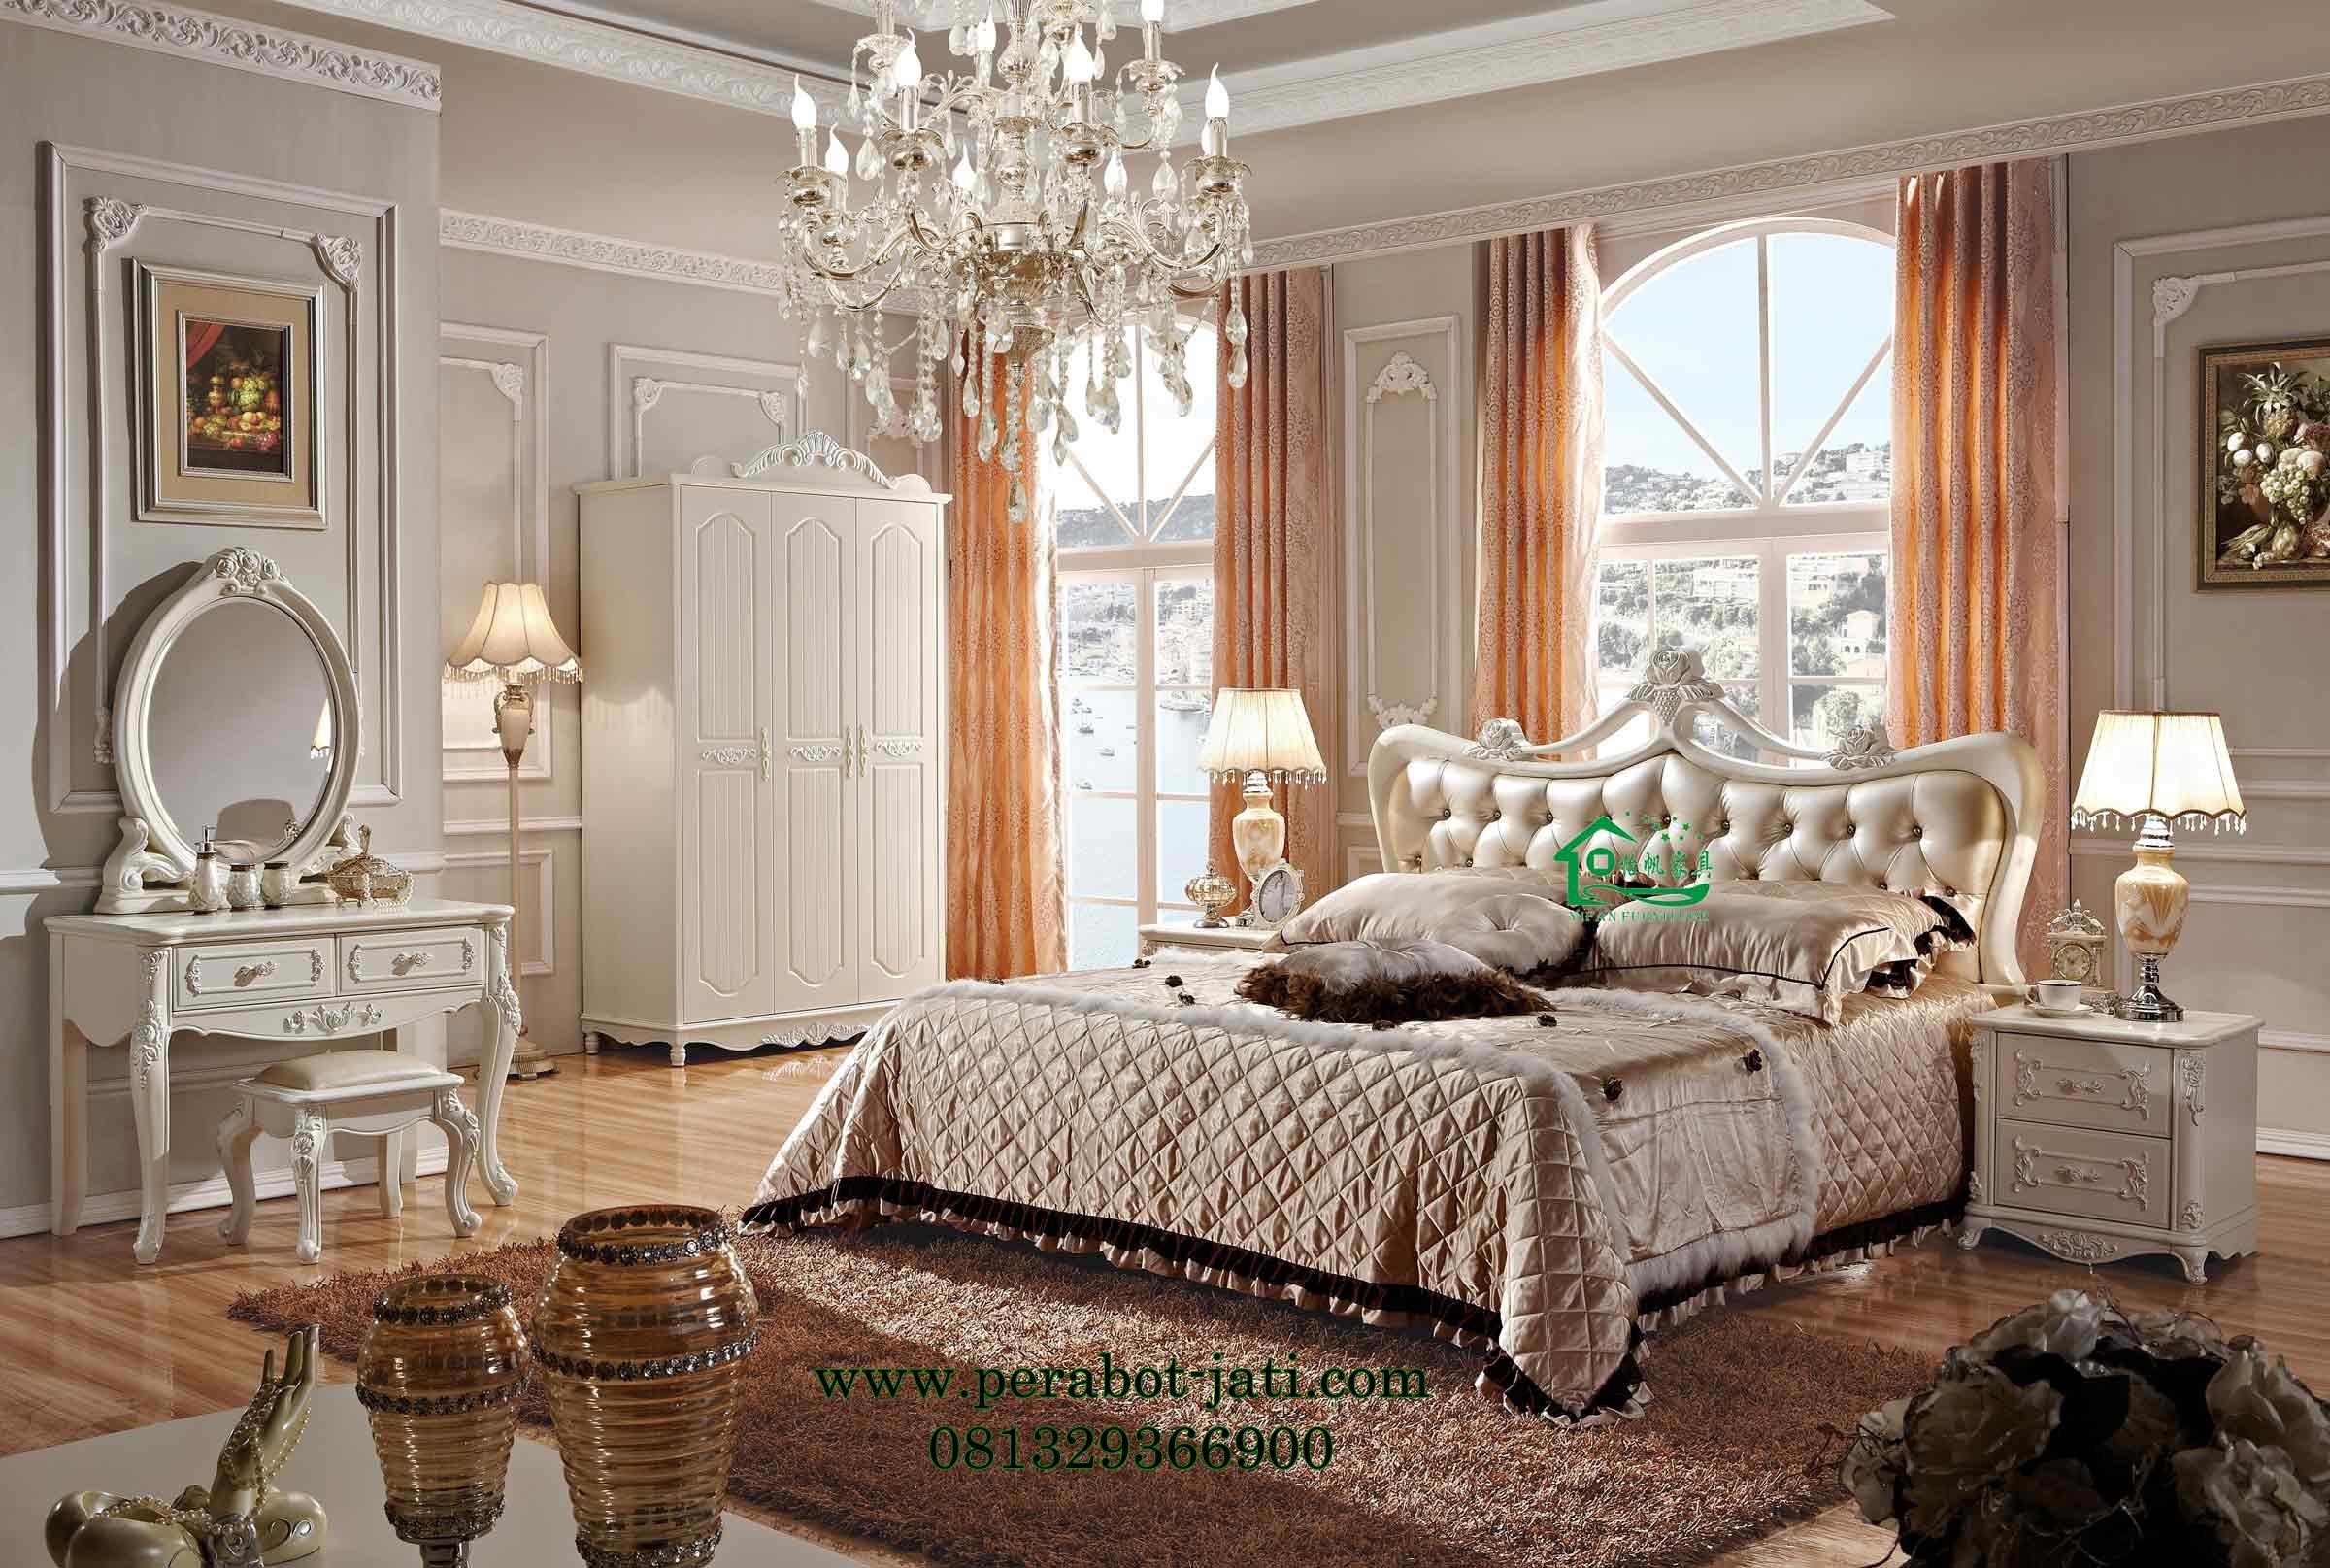 Tempat Tidur Mewah Elegan Ukir Set Bedroom